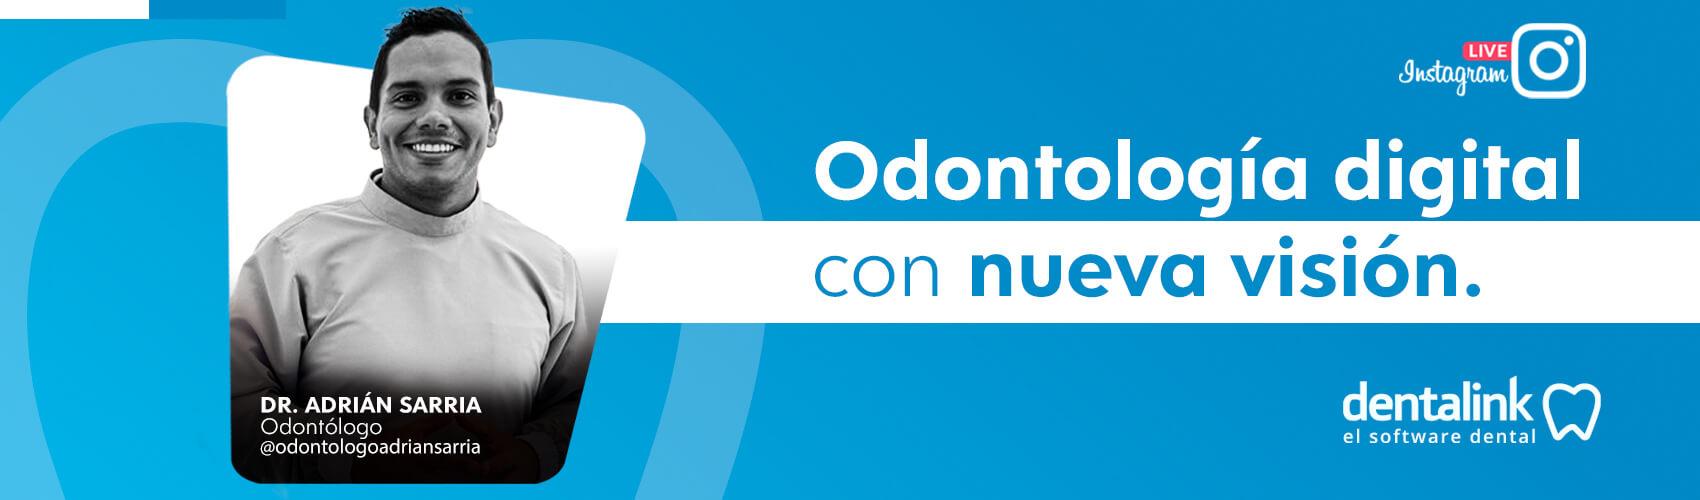 Instagram Live: Odontología Digital con Nueva Visión